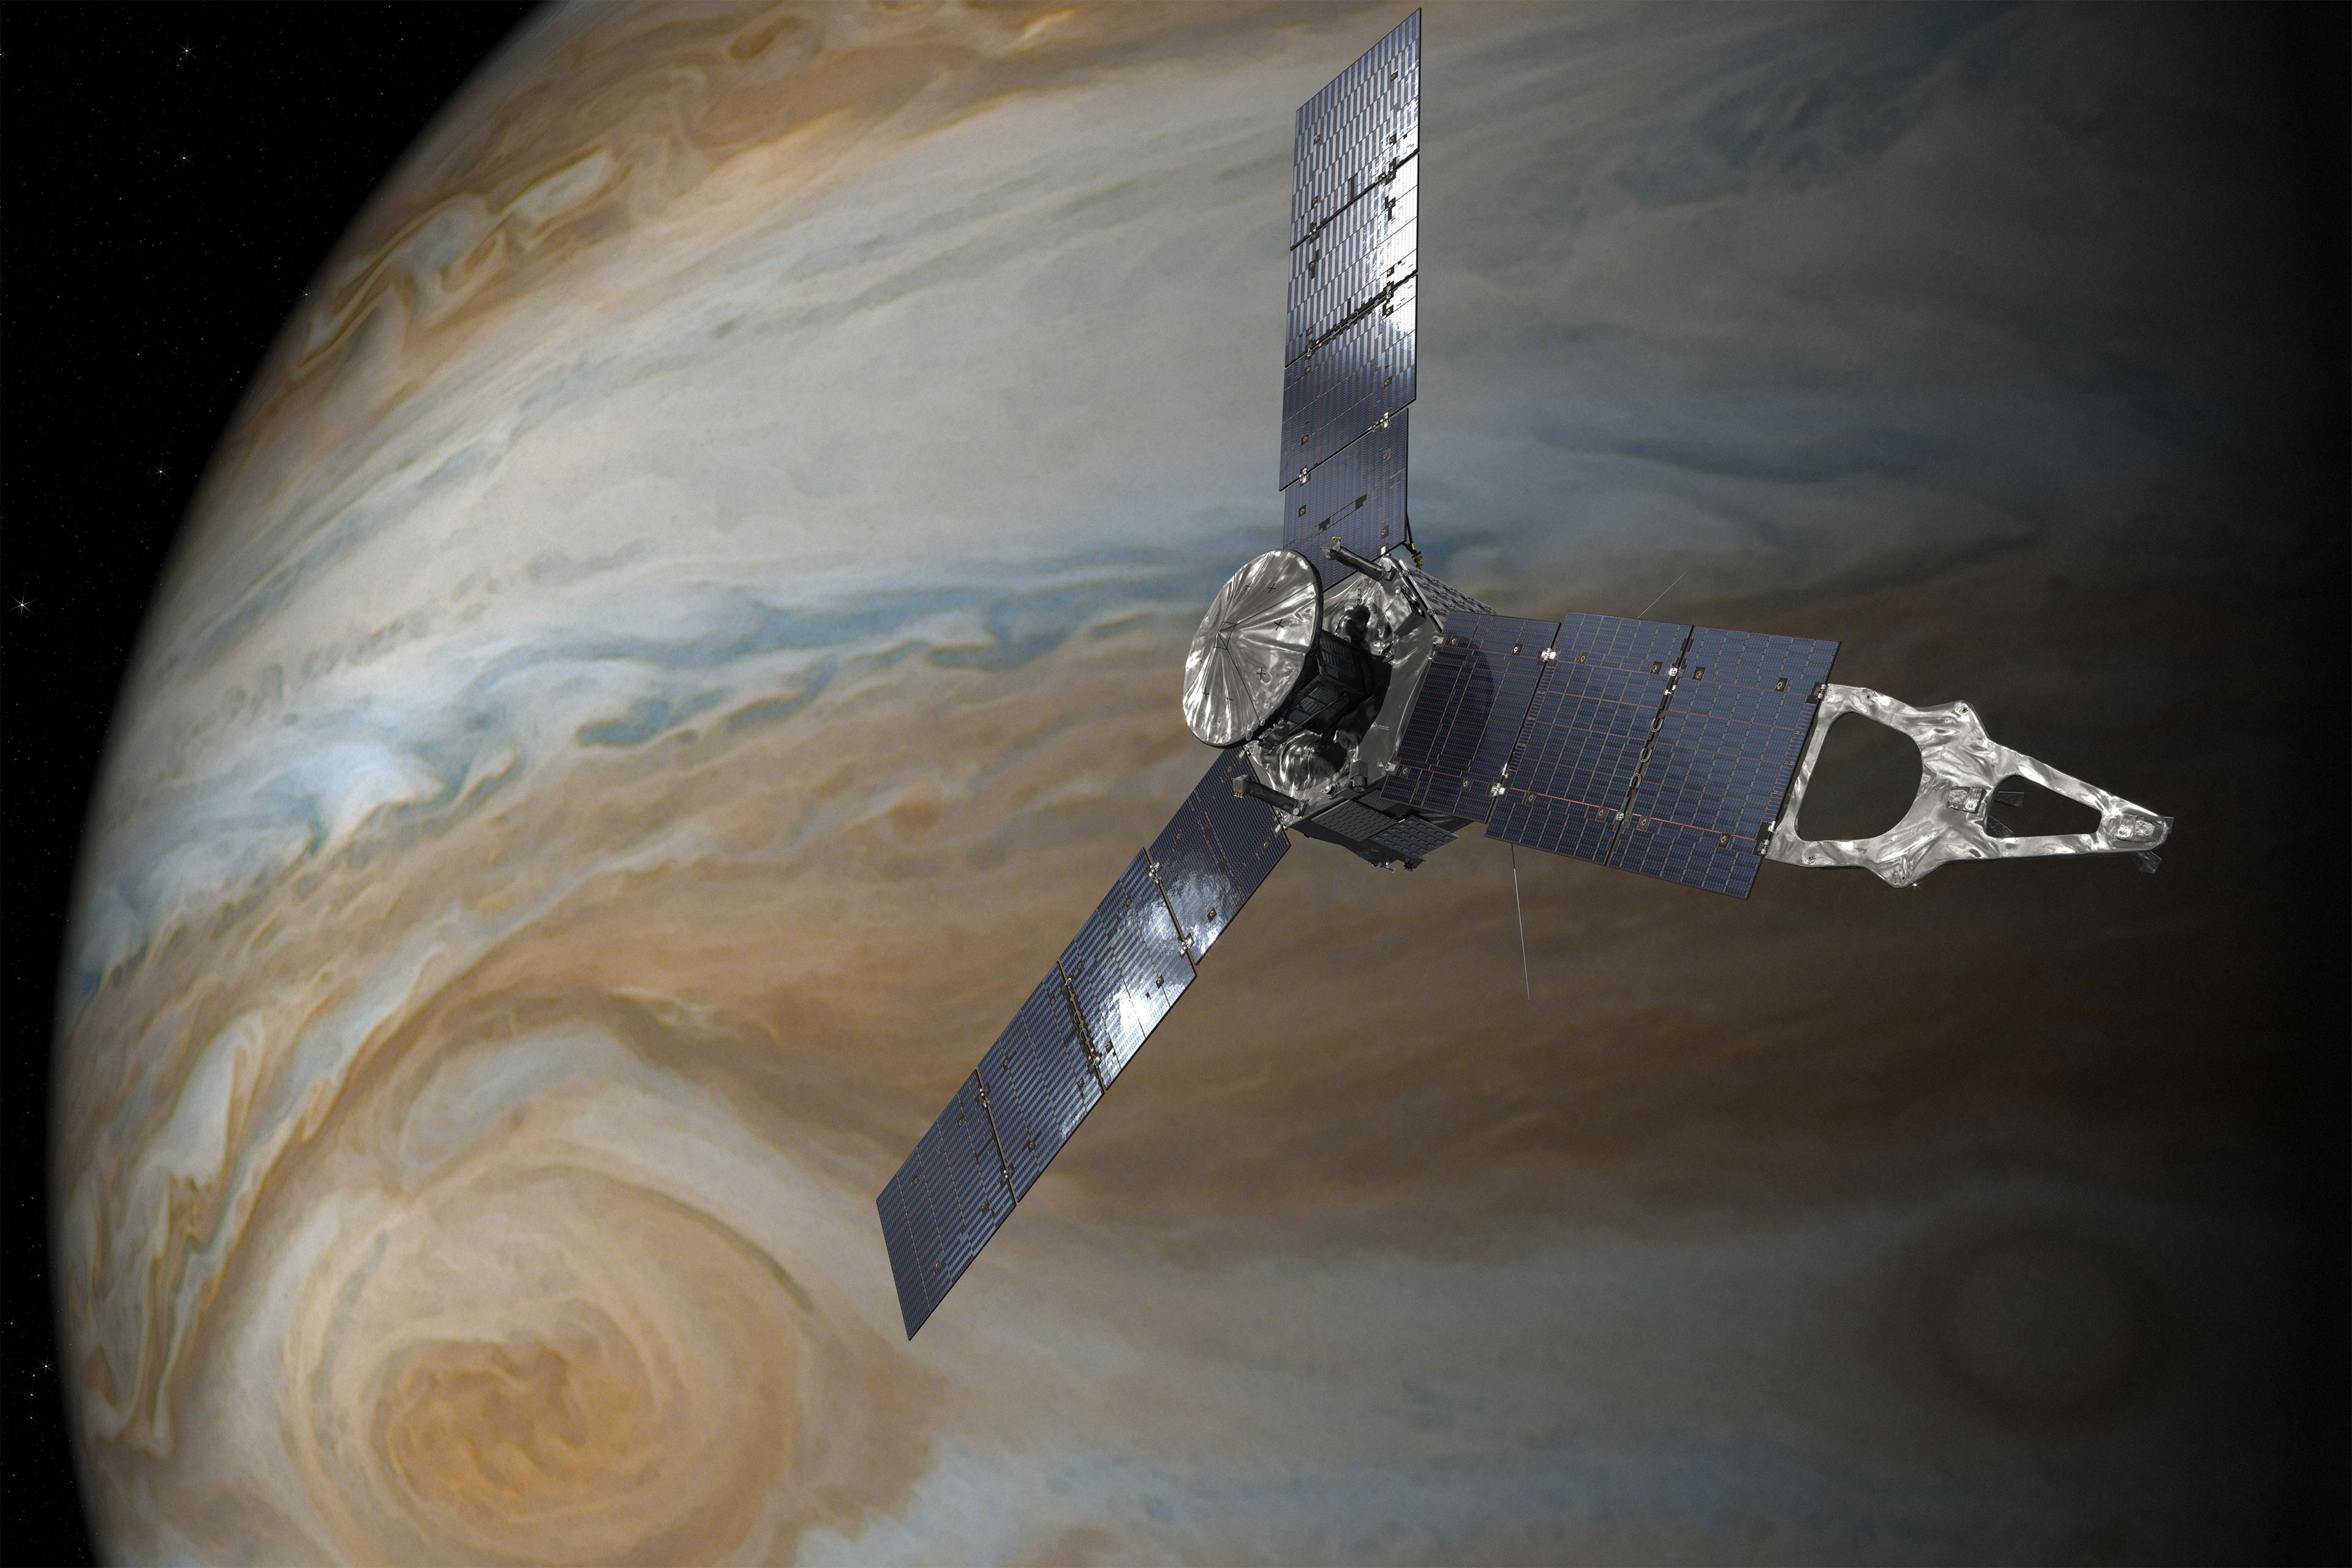 سفینه Juno در مدار مشتری